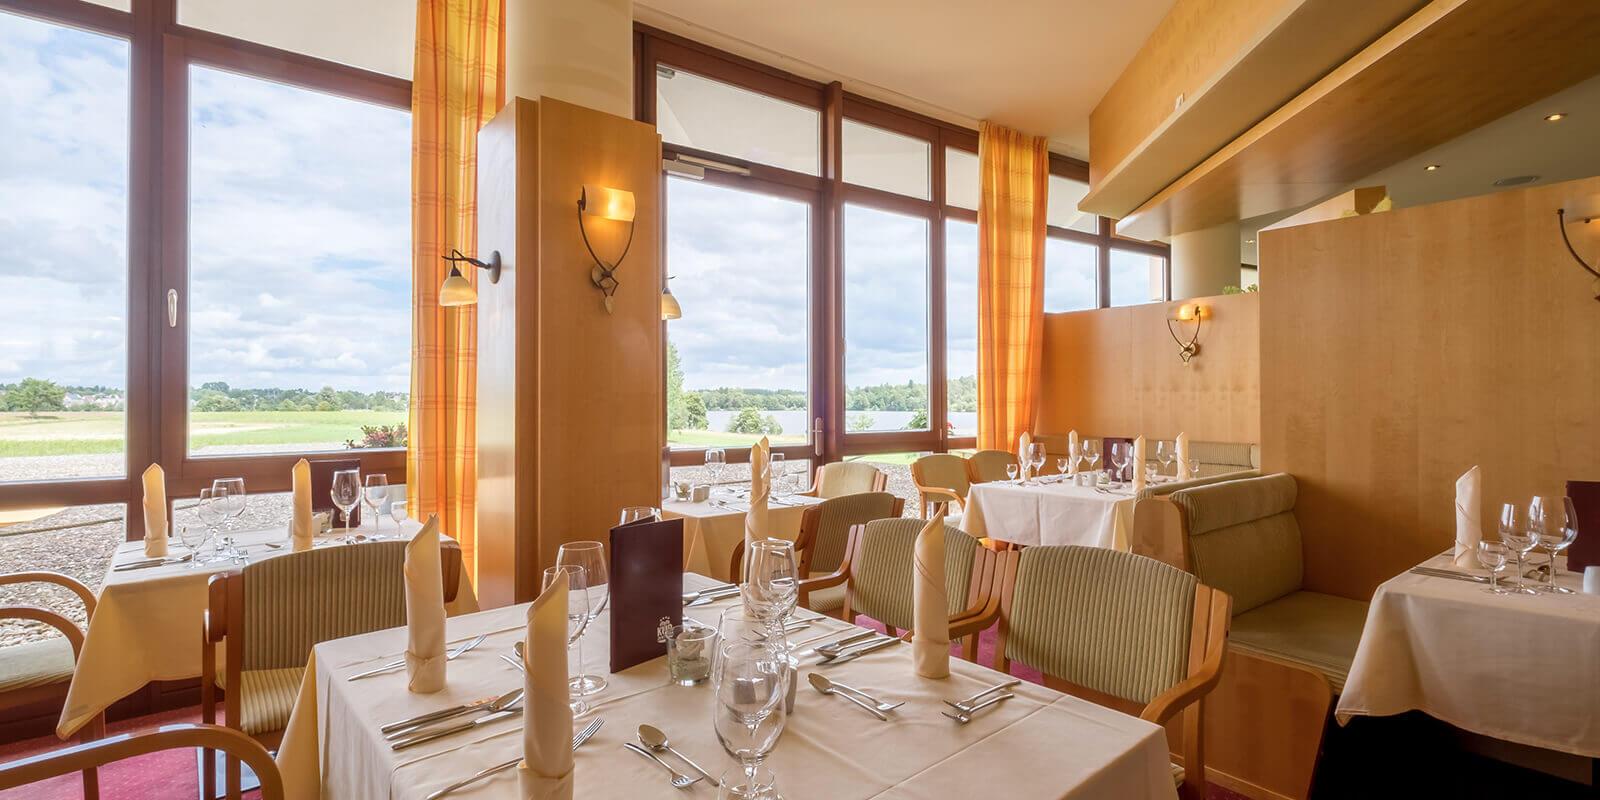 Gemütlichkeit im Hotelrestaurant mit Seeblick im Kurzentrum Weißenstadt